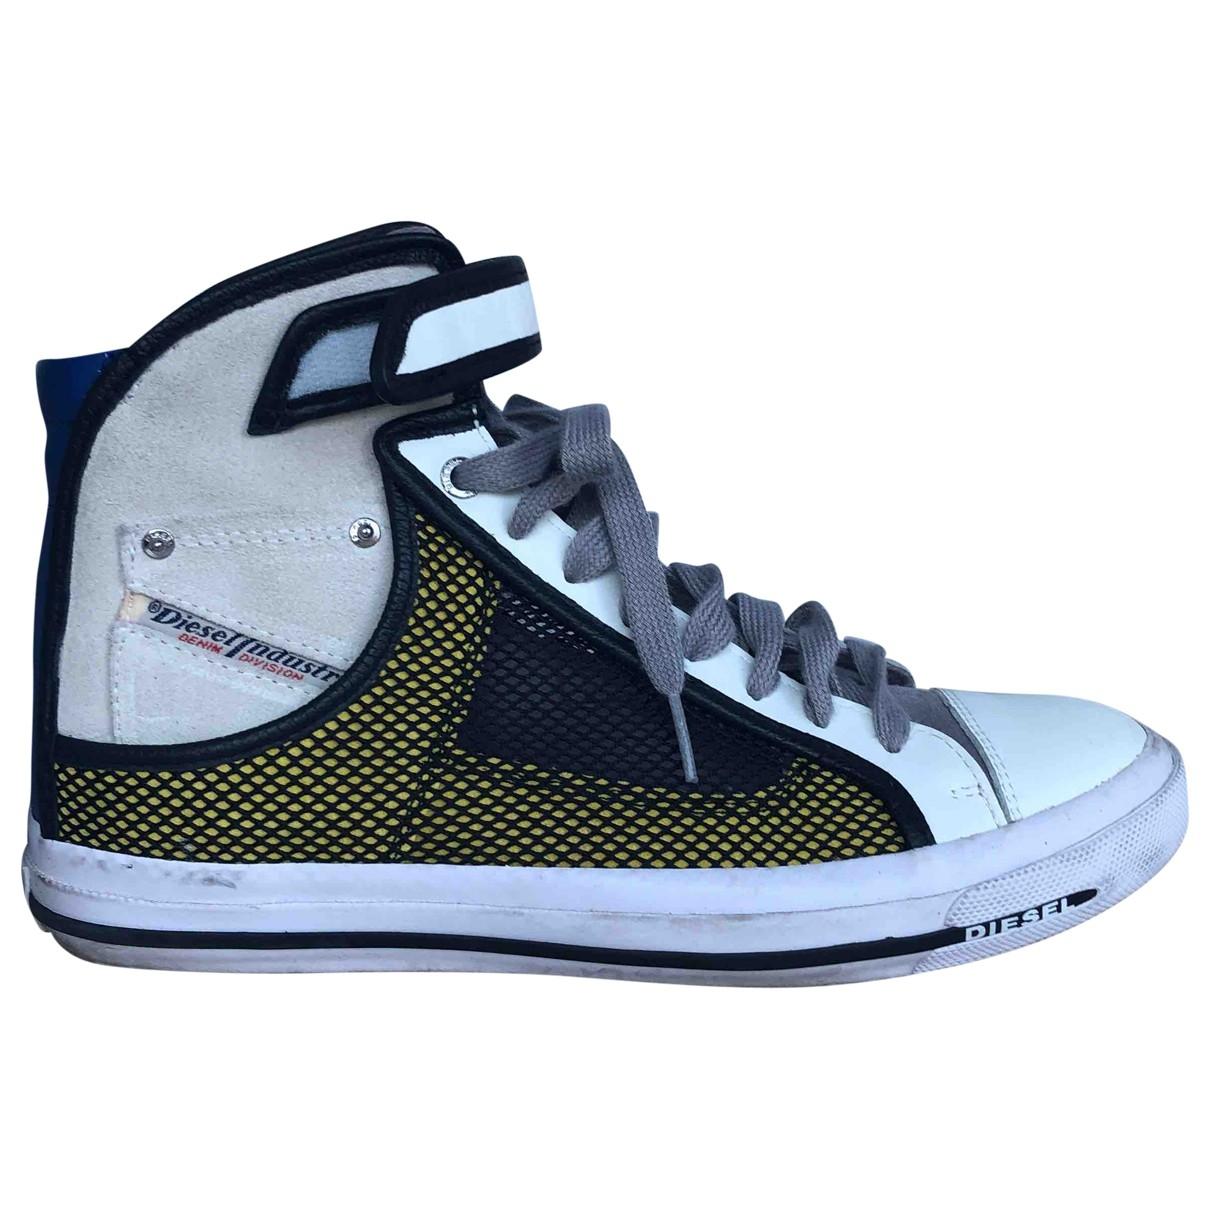 Diesel \N Sneakers in  Weiss Leder